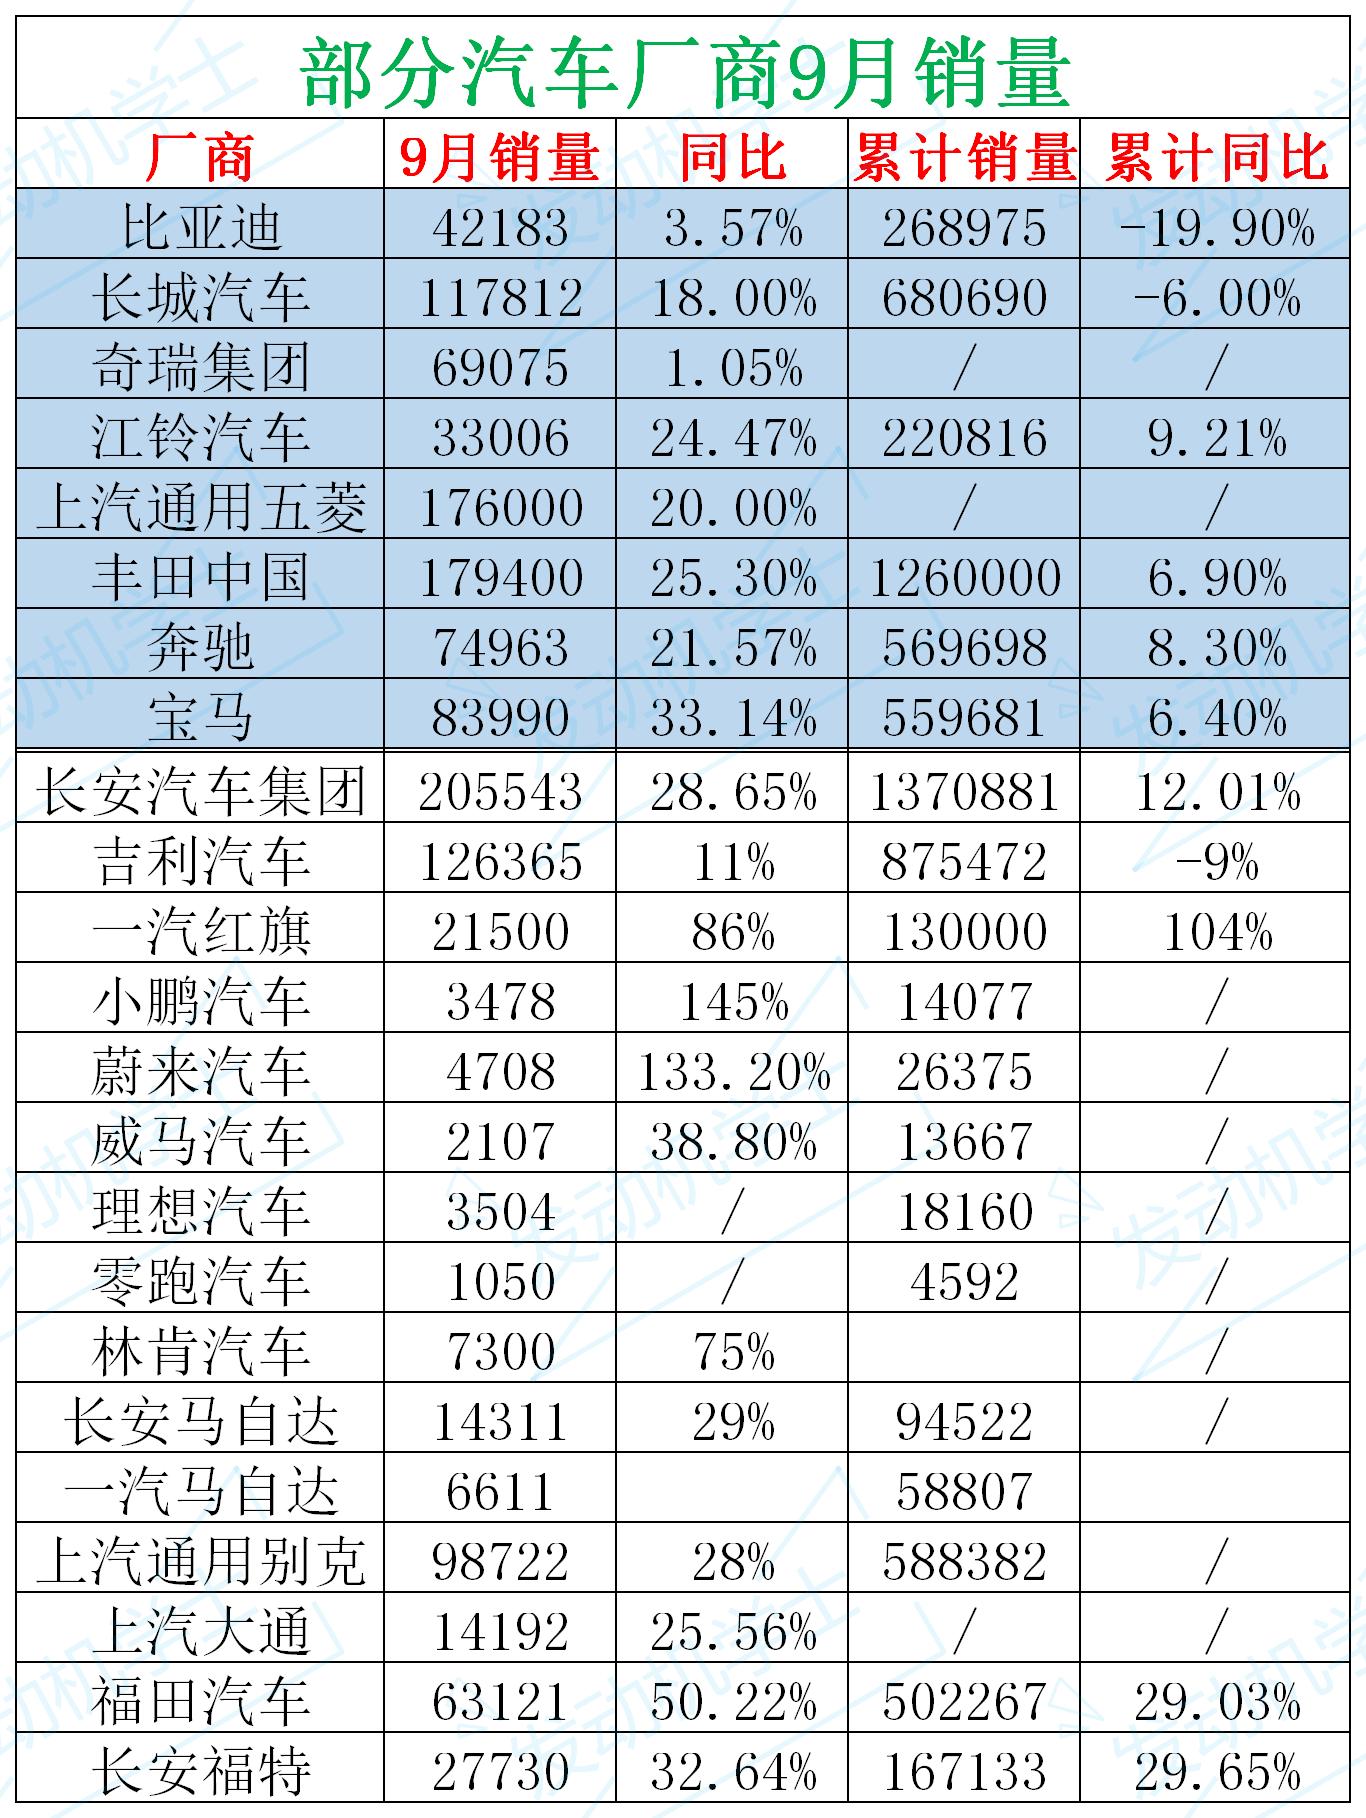 9月车企销量第二波 长城仅差吉利8500台 奇瑞月销7万